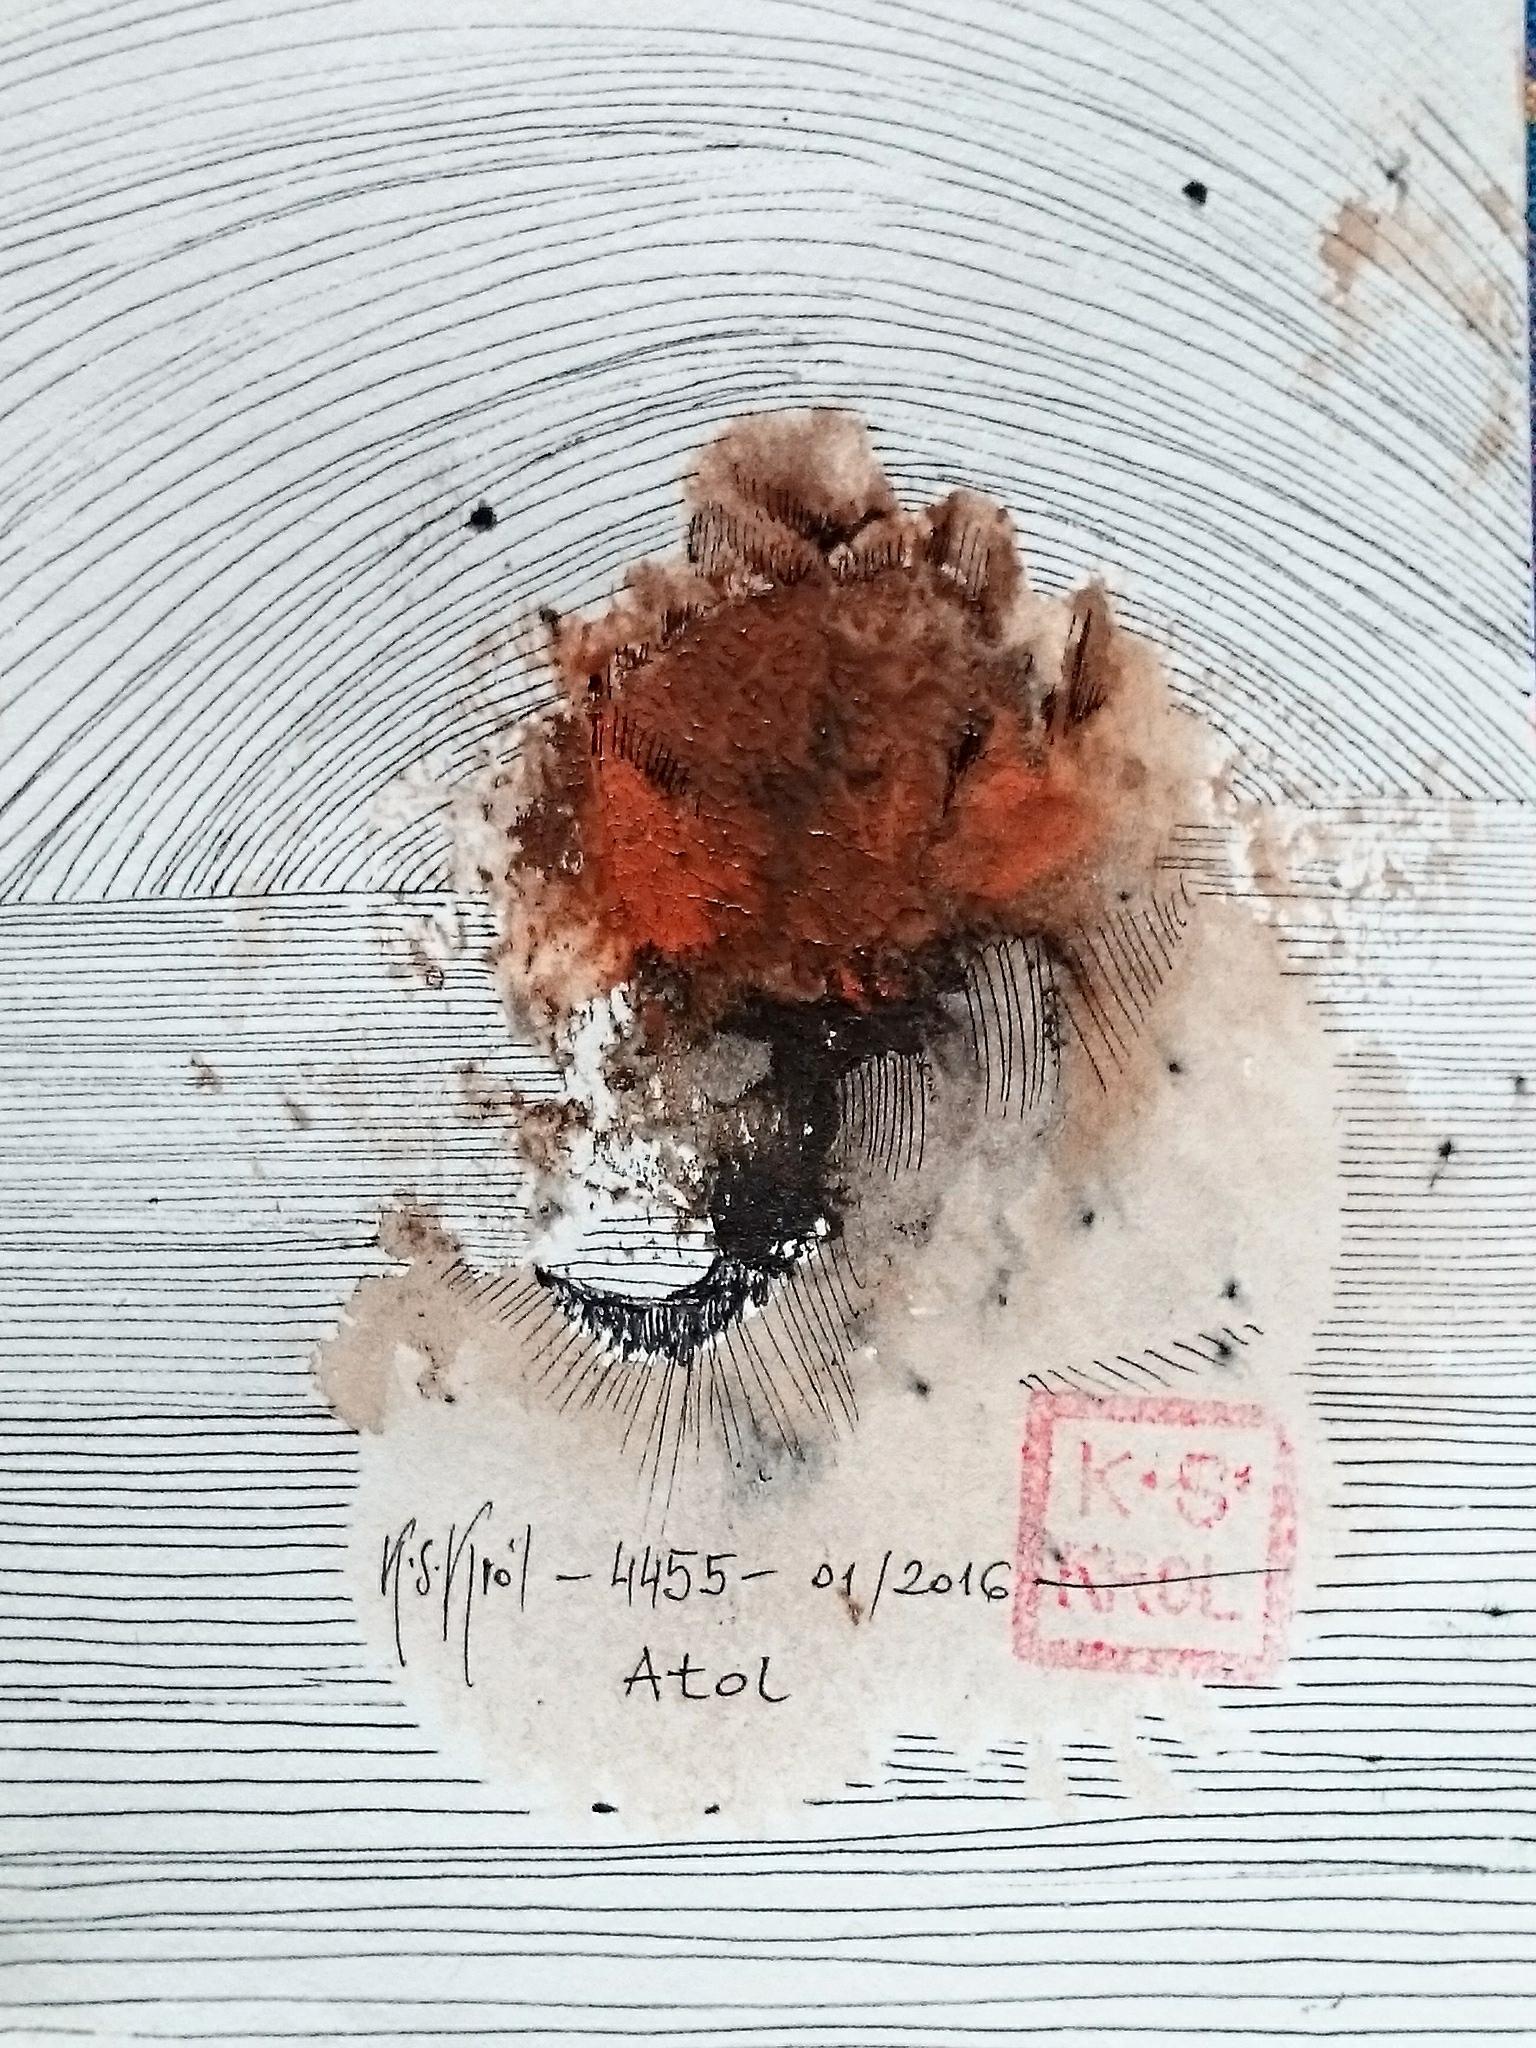 4455, Atol,tech. miesz., 13x9 cm, 2016